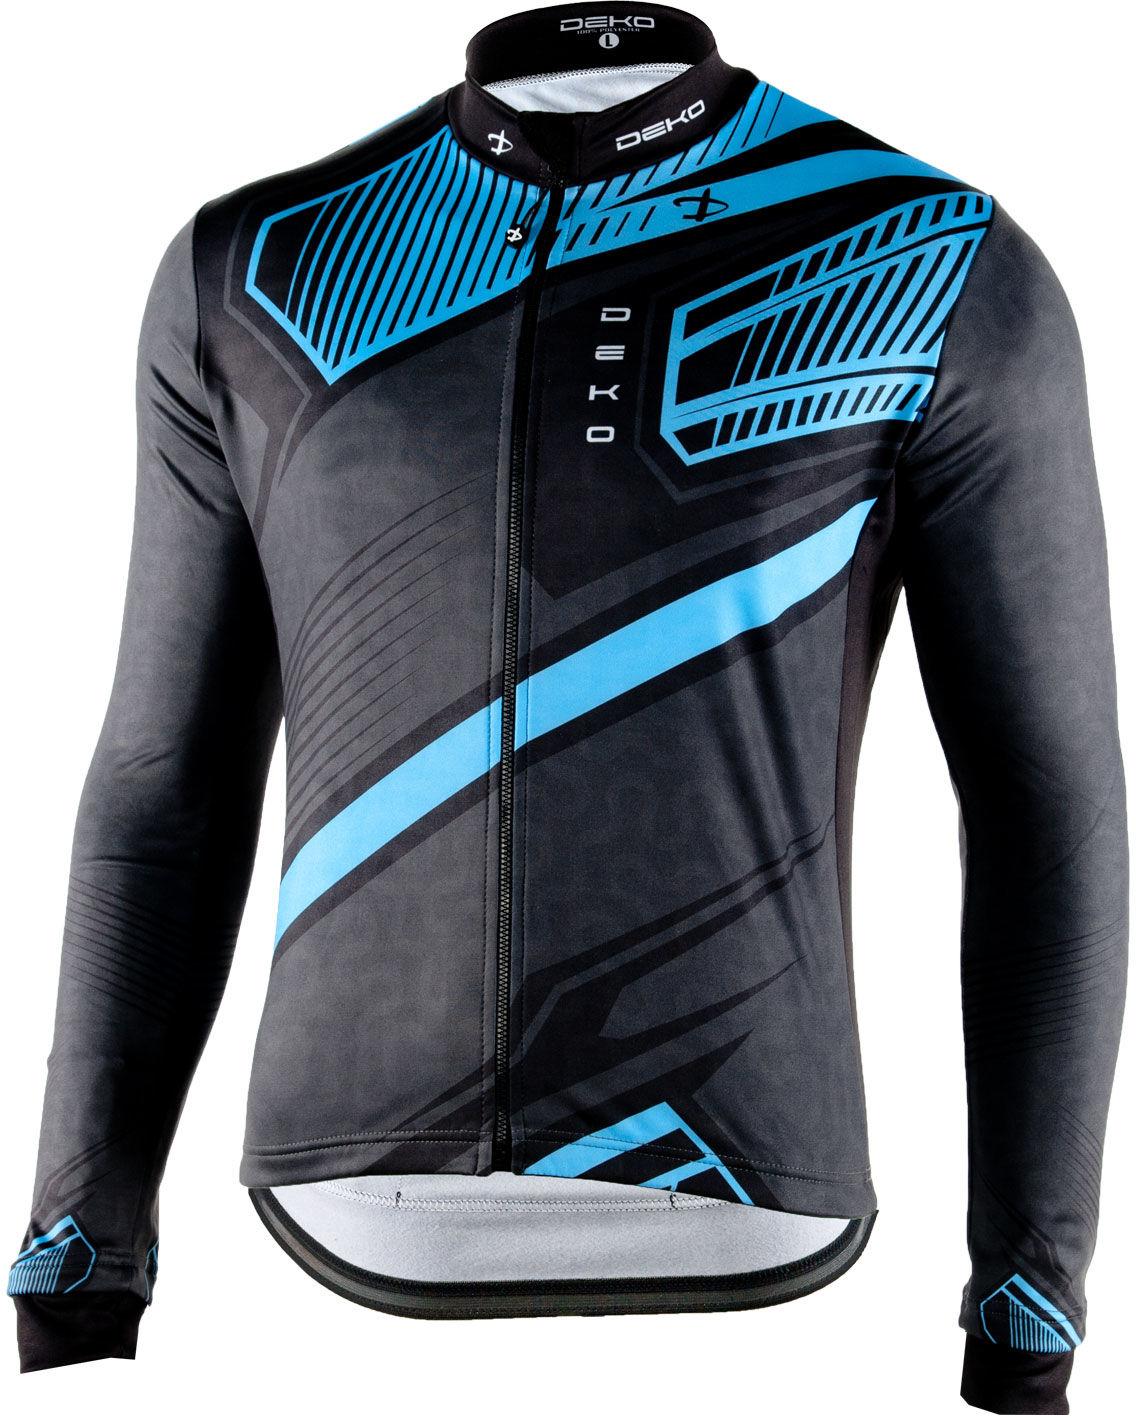 DEKO MNK-001-09 męska bluza rowerowa długi rękaw, niebieski Rozmiar: M,DEKO_style9_bluza_BLUE